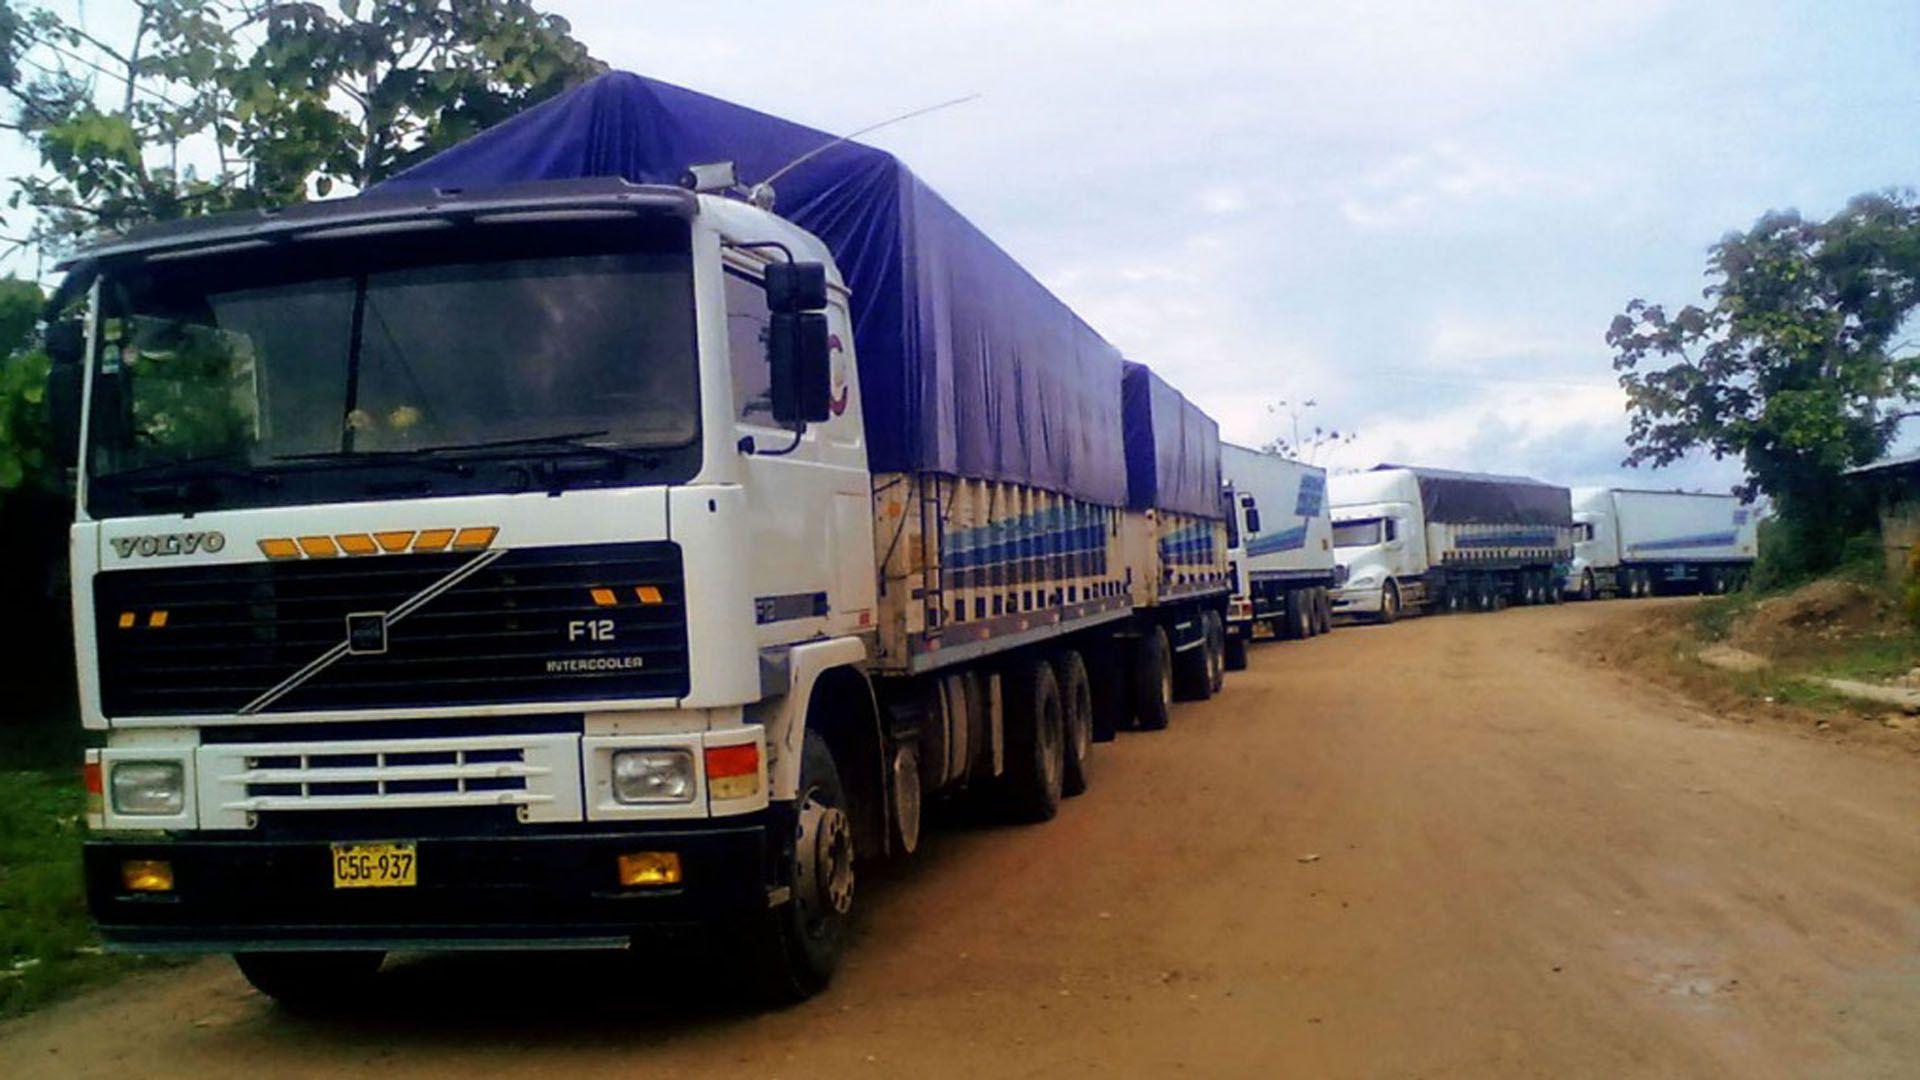 El transporte de carga fue la excepción: su utilización creció en abril.